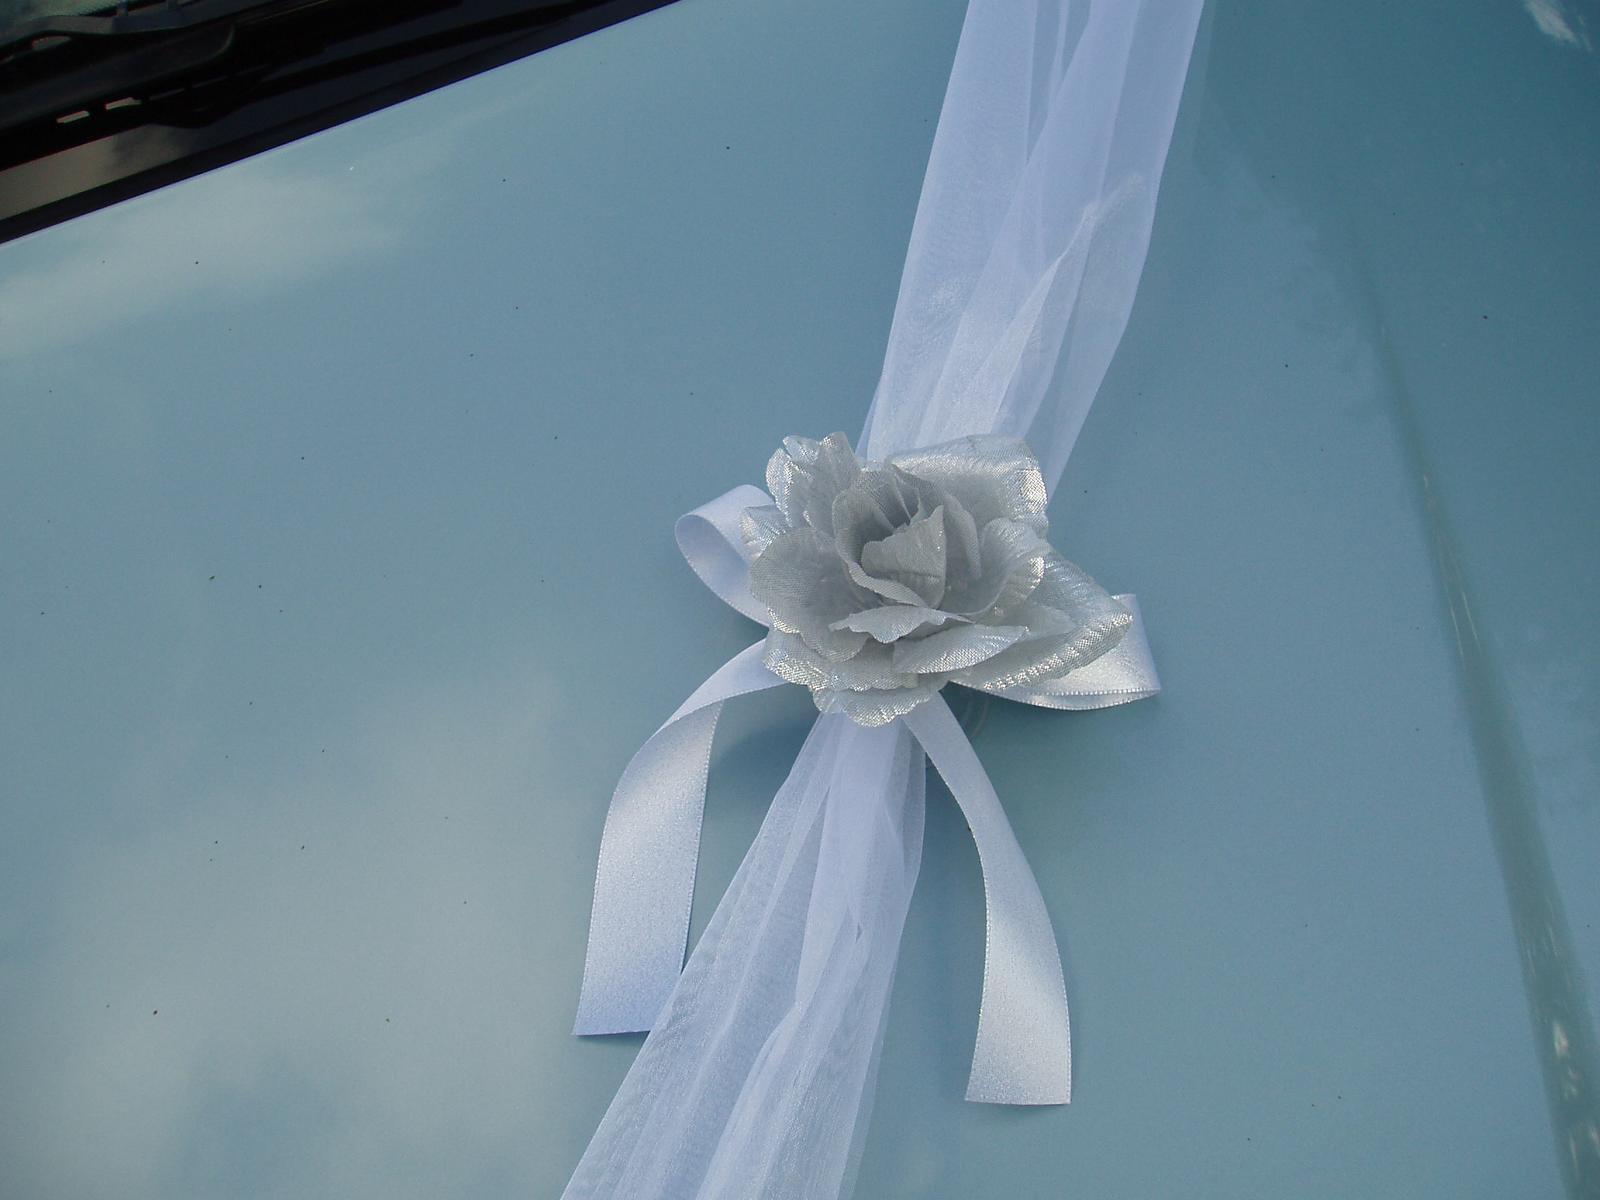 Bílo-stříbrné dekorace na auto - Obrázek č. 10